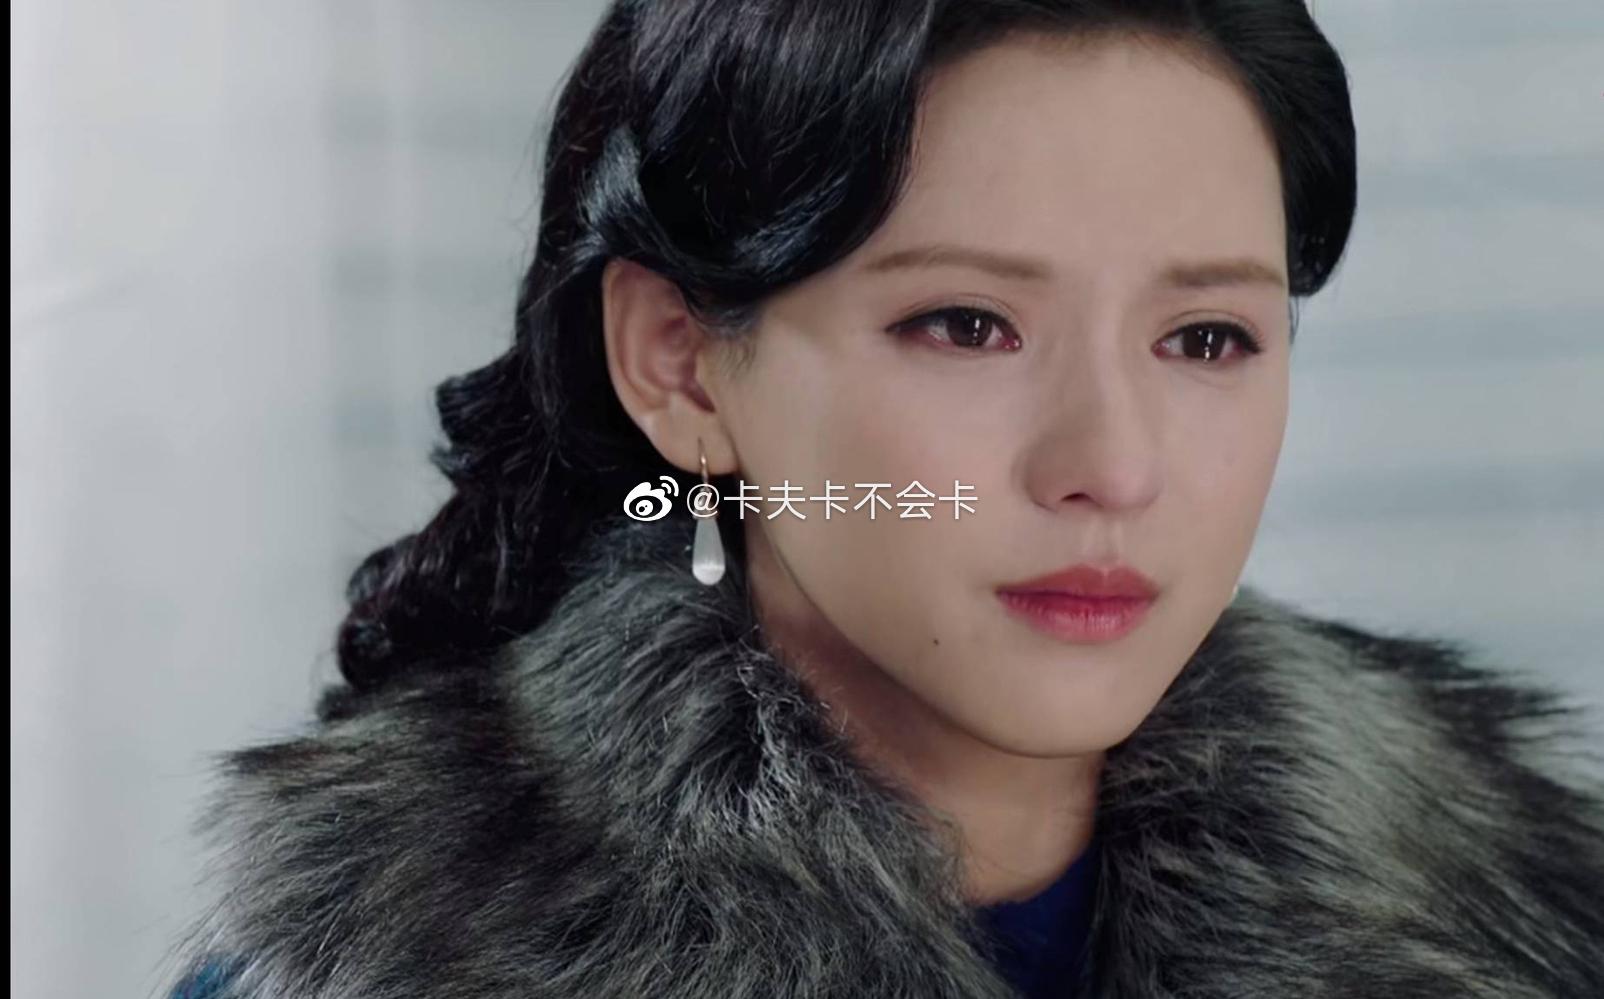 陈瑶和张予曦经常被说撞脸,要是讨论这两人的角色滤镜